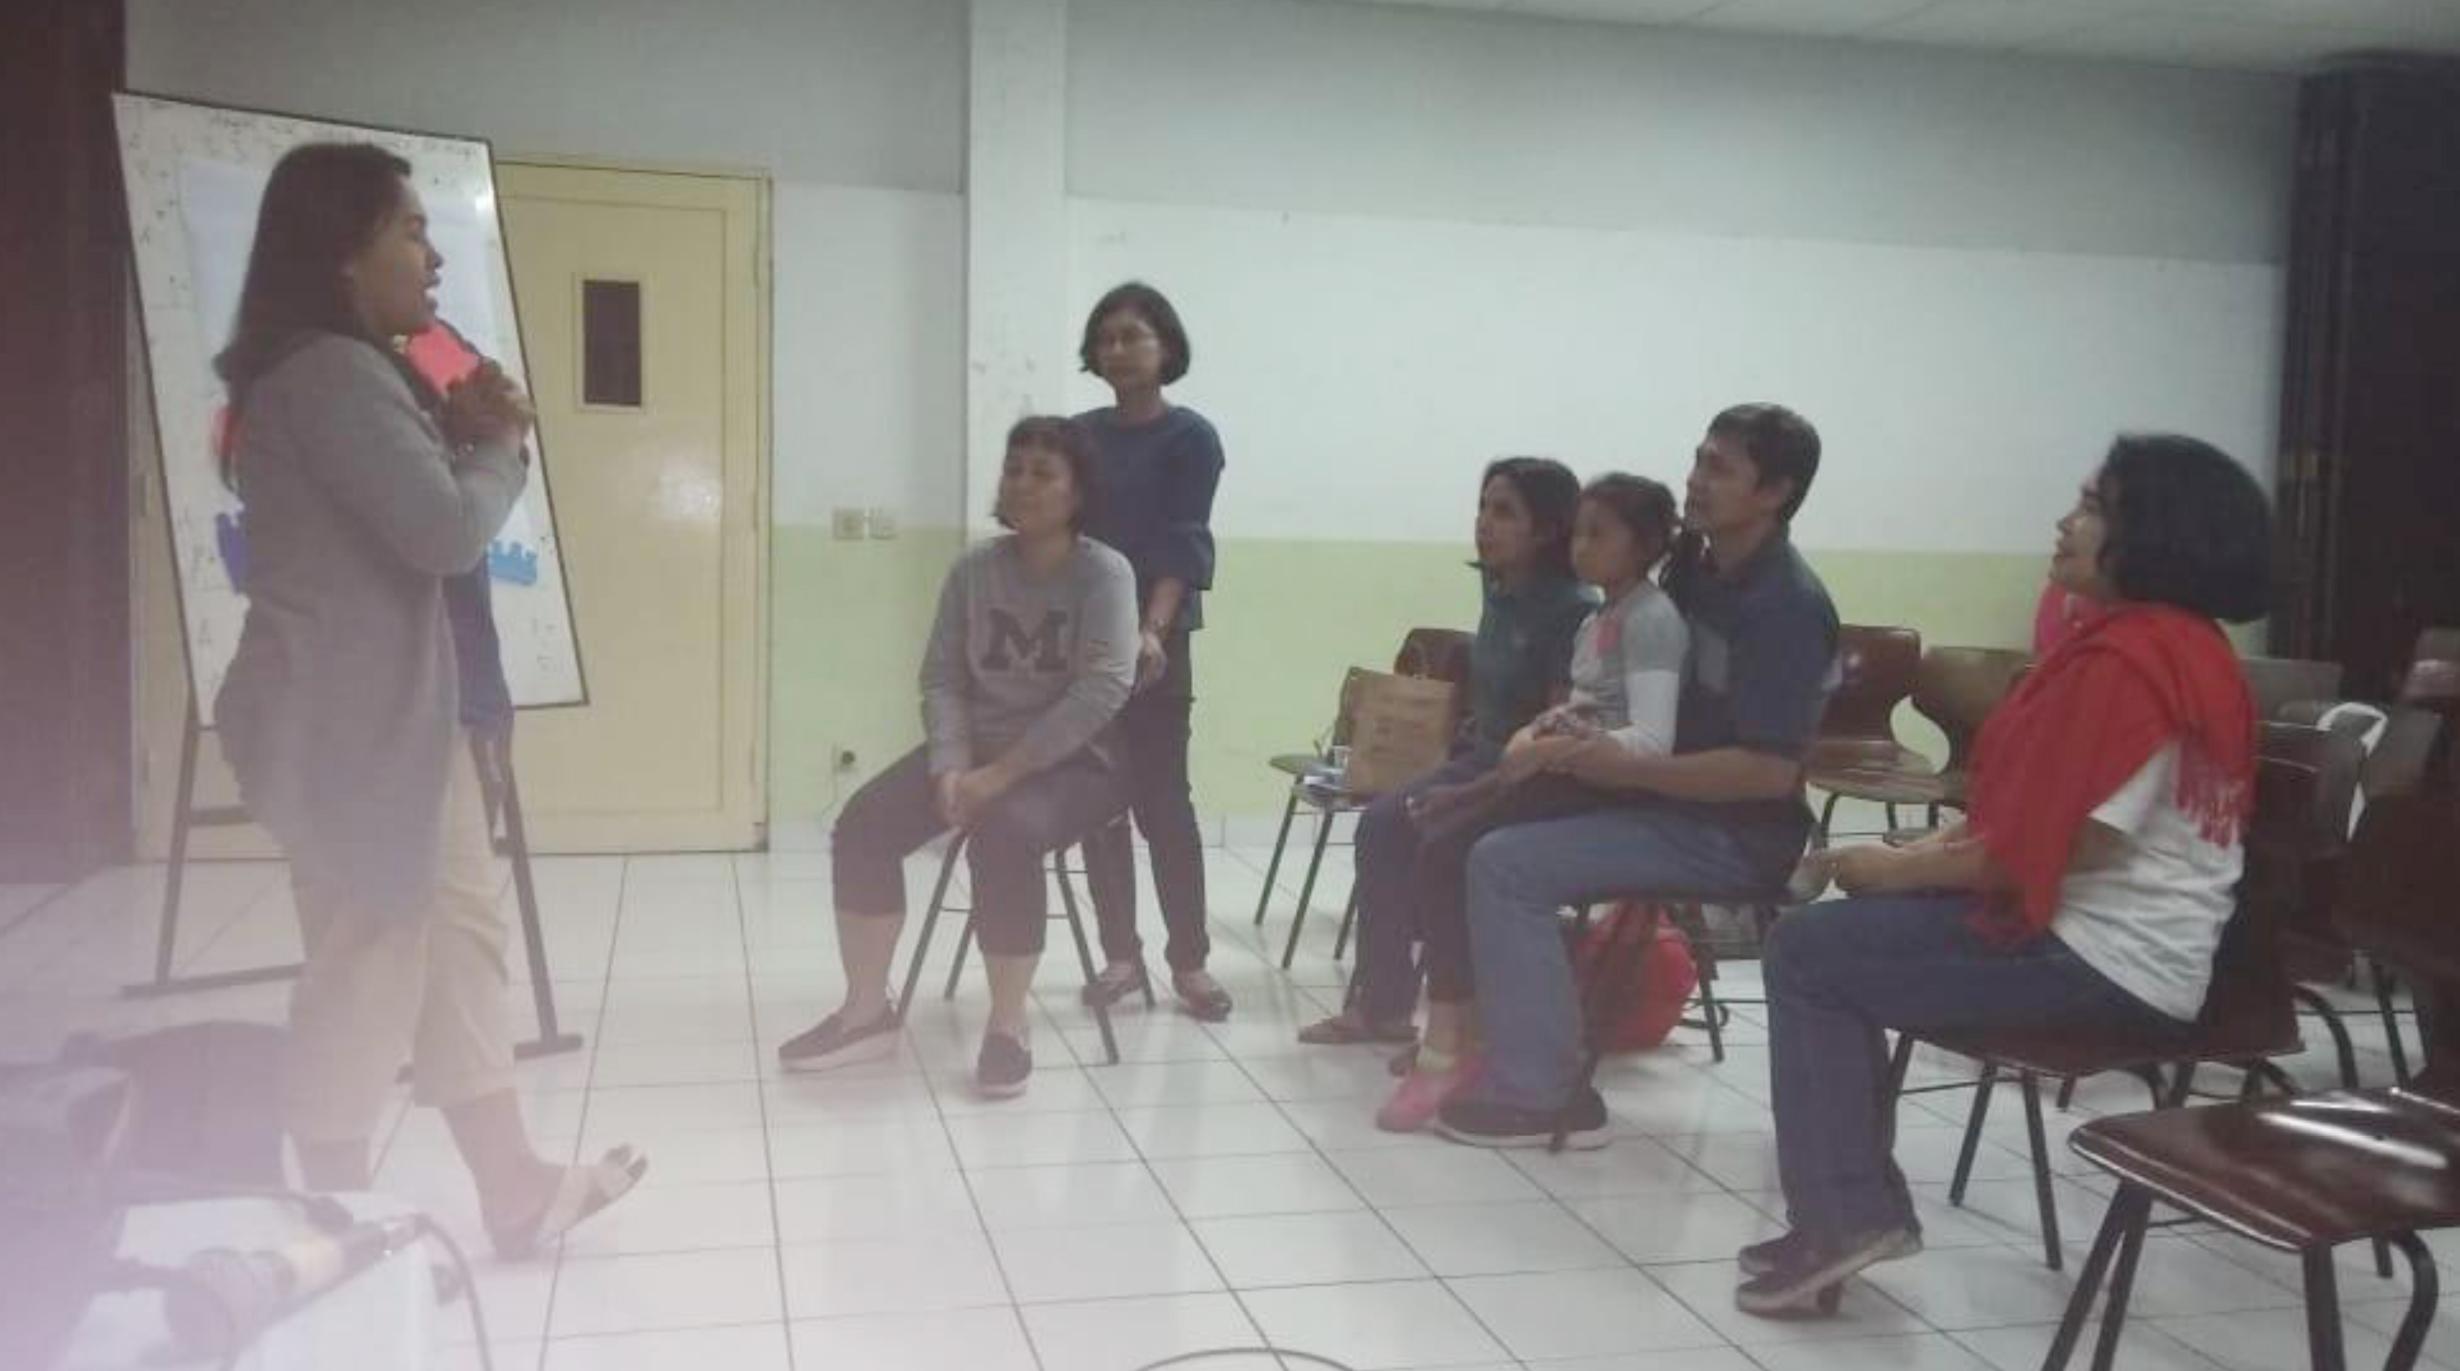 Pembinaan GSM: Mengajar Anak Berkebutuhan Khusus di Sekolah Minggu, GKI Kebayoran Baru